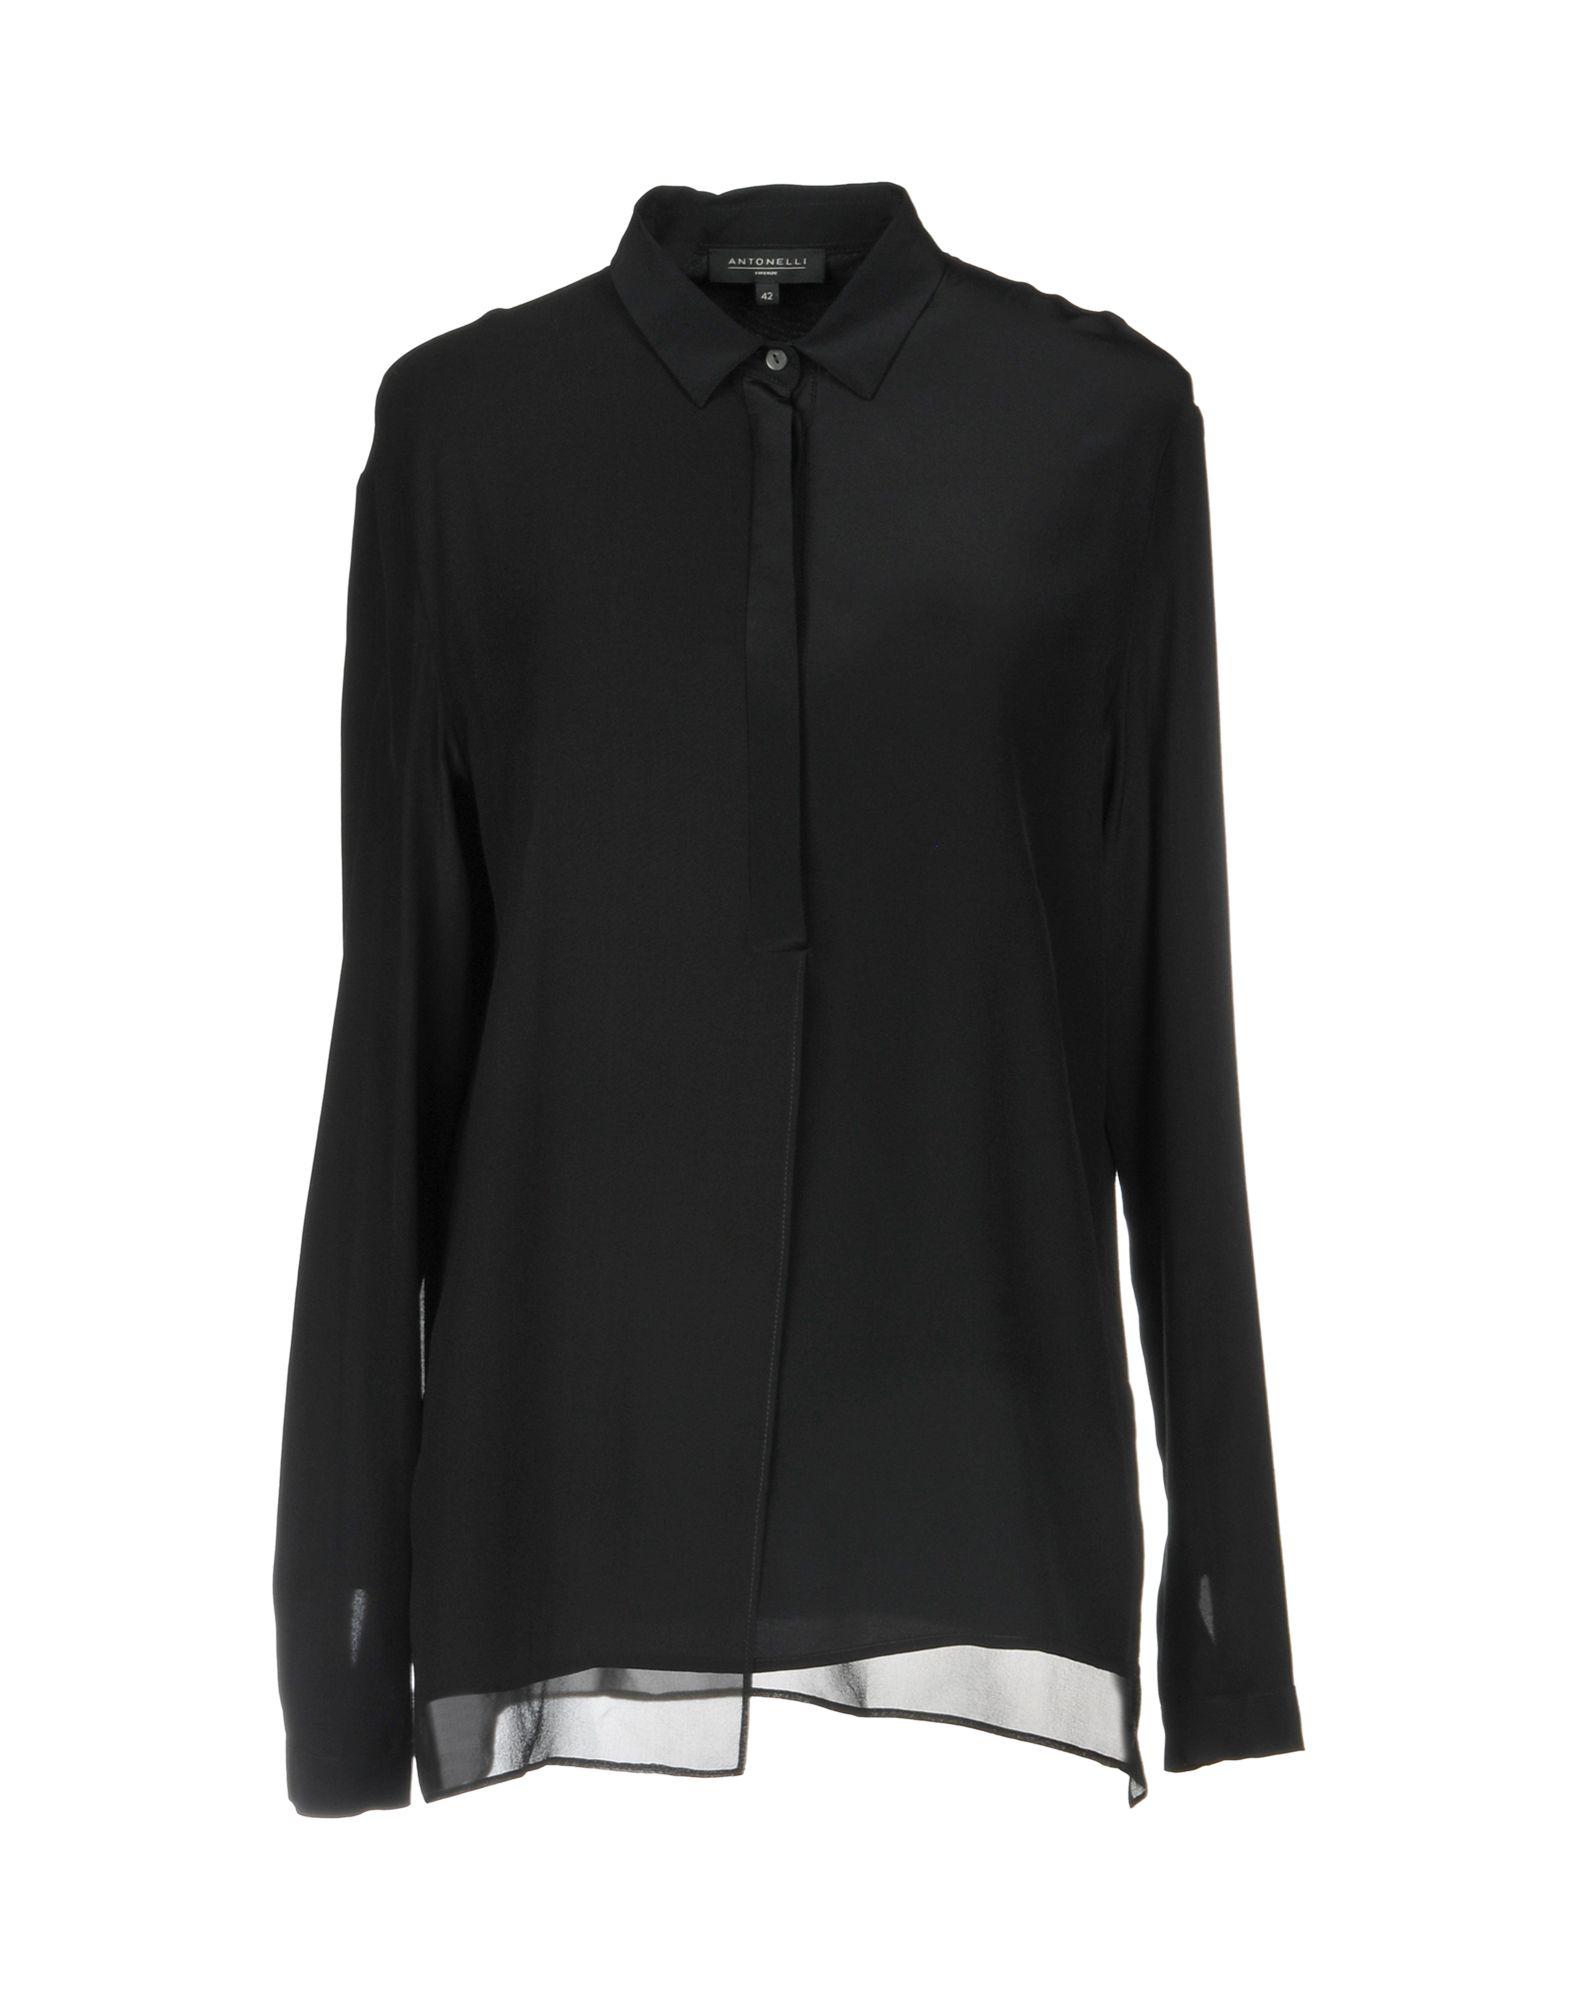 《送料無料》ANTONELLI レディース シャツ ブラック 42 100% シルク